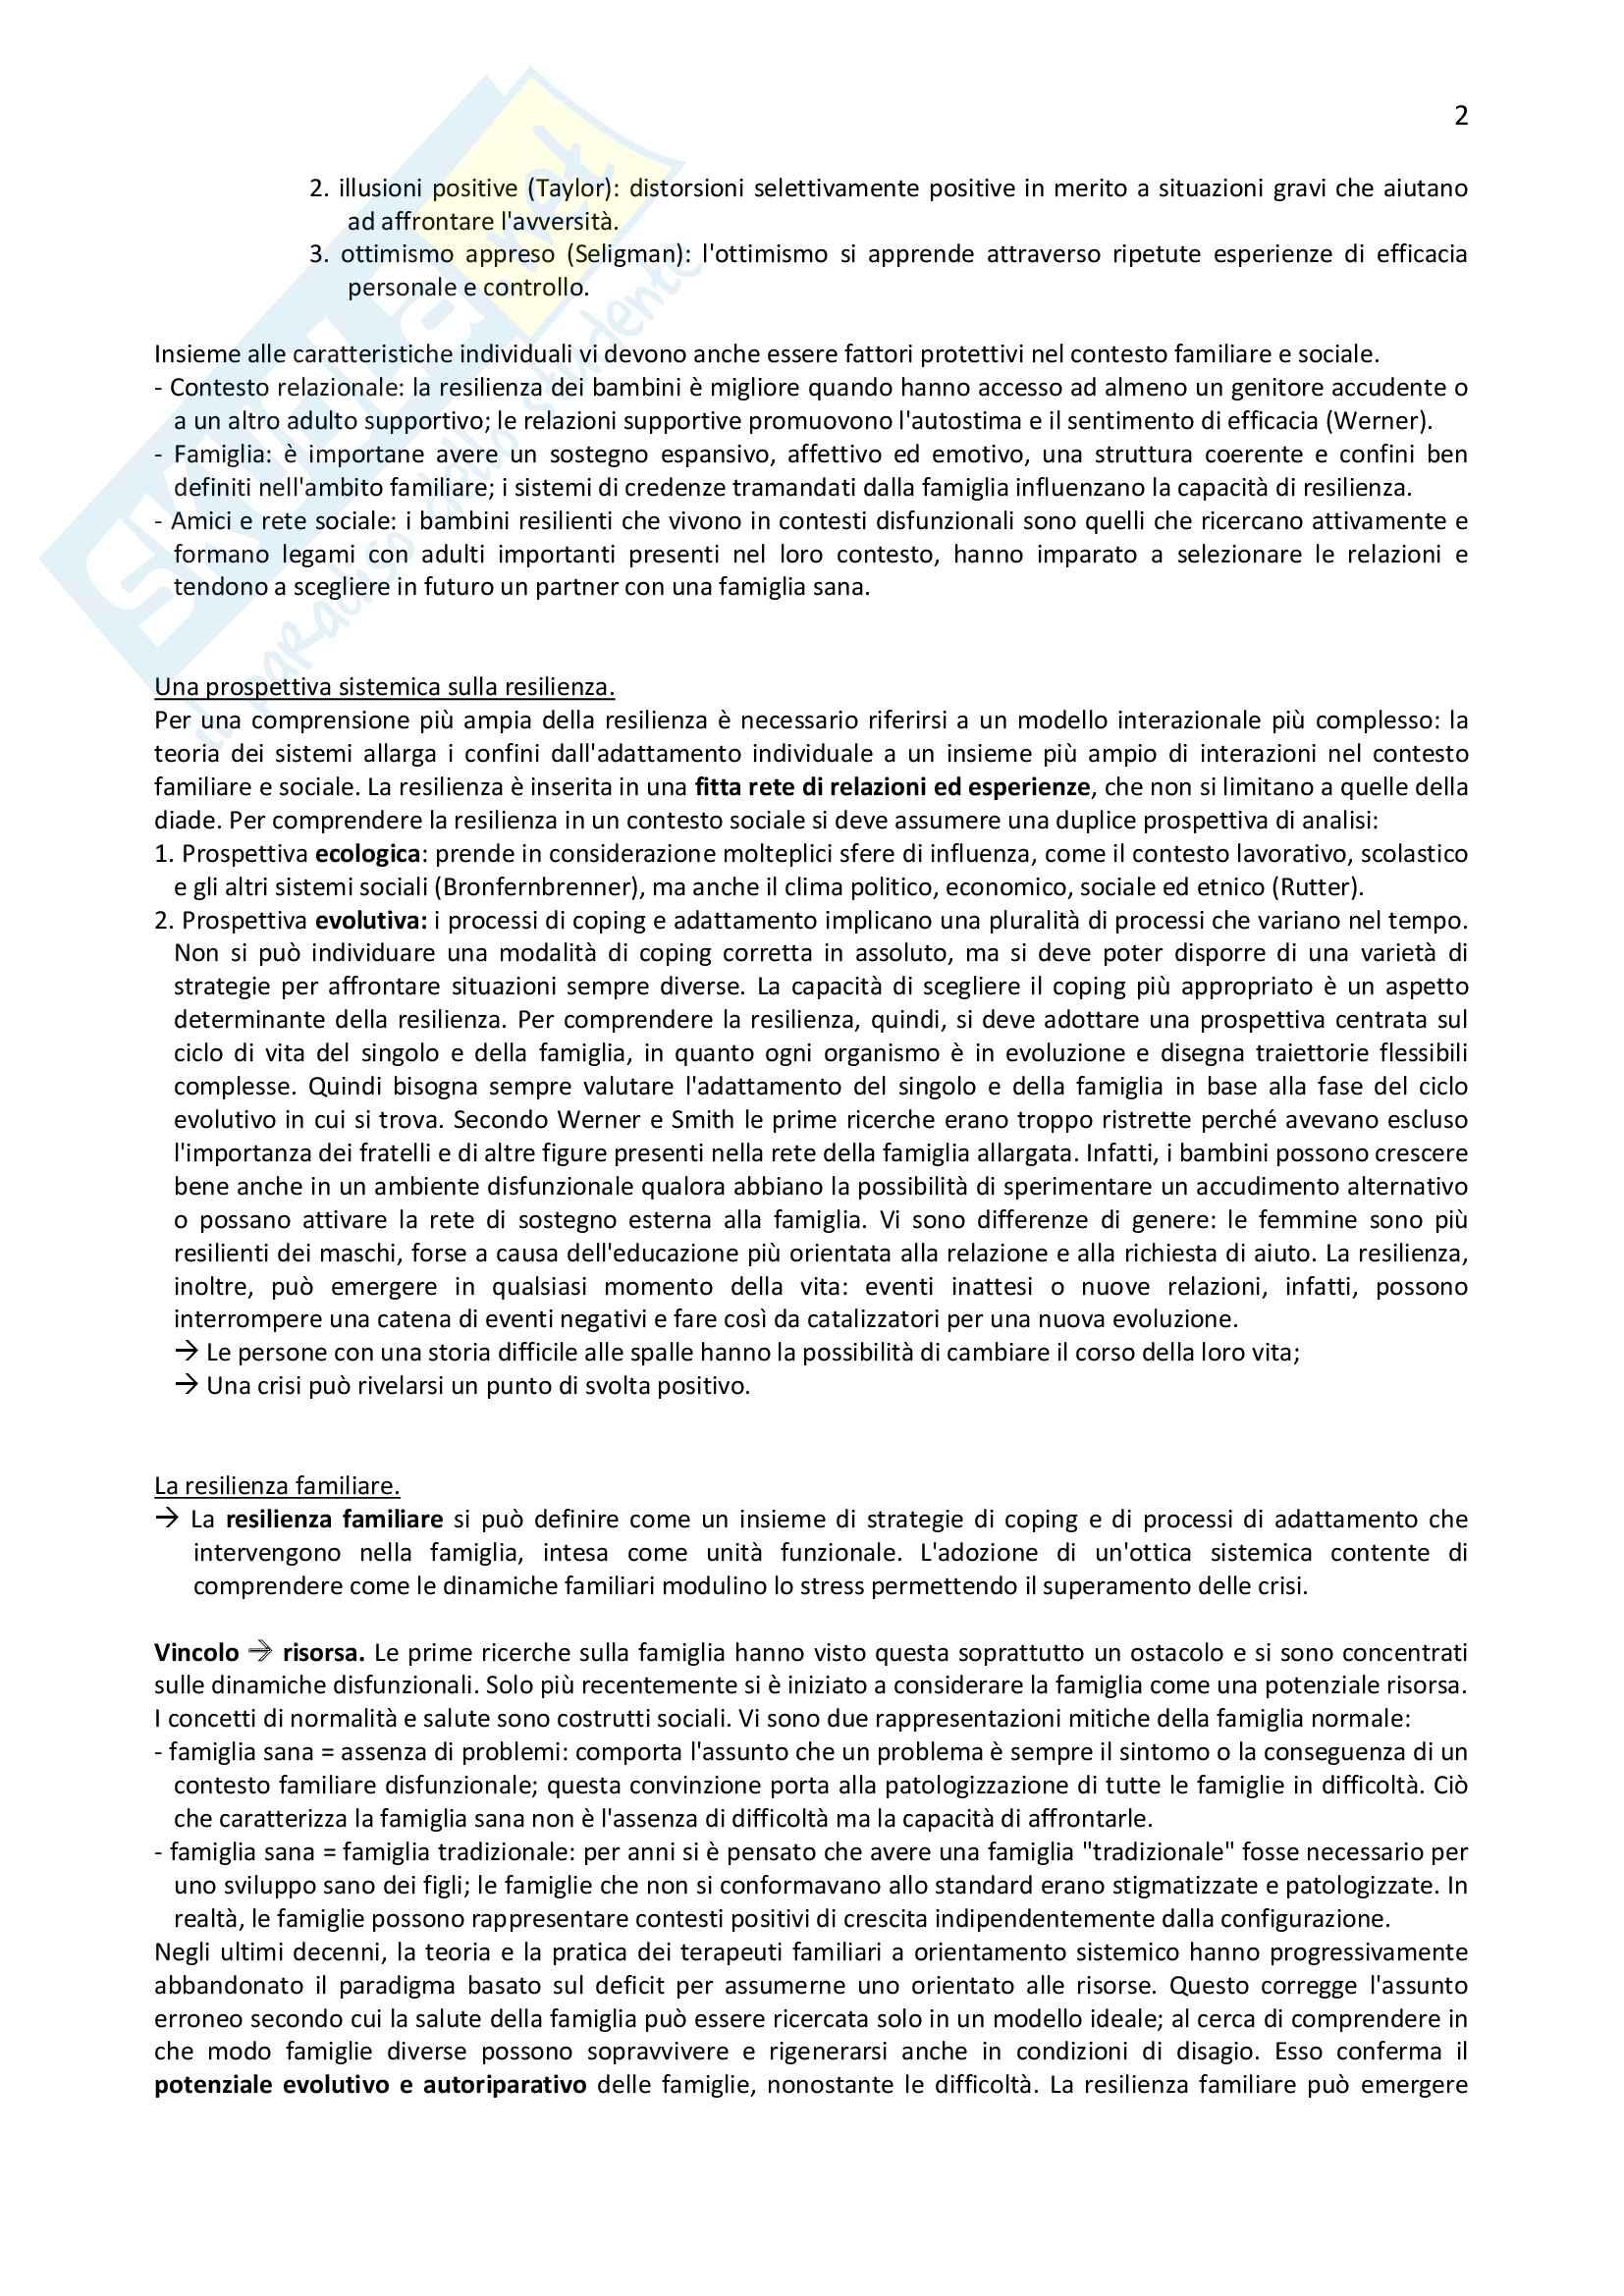 Riassunto per l'esame di Normalità e patologia delle relazioni familiari della prof.ssa Carli, libro consigliato La resilienza familiare Pag. 2